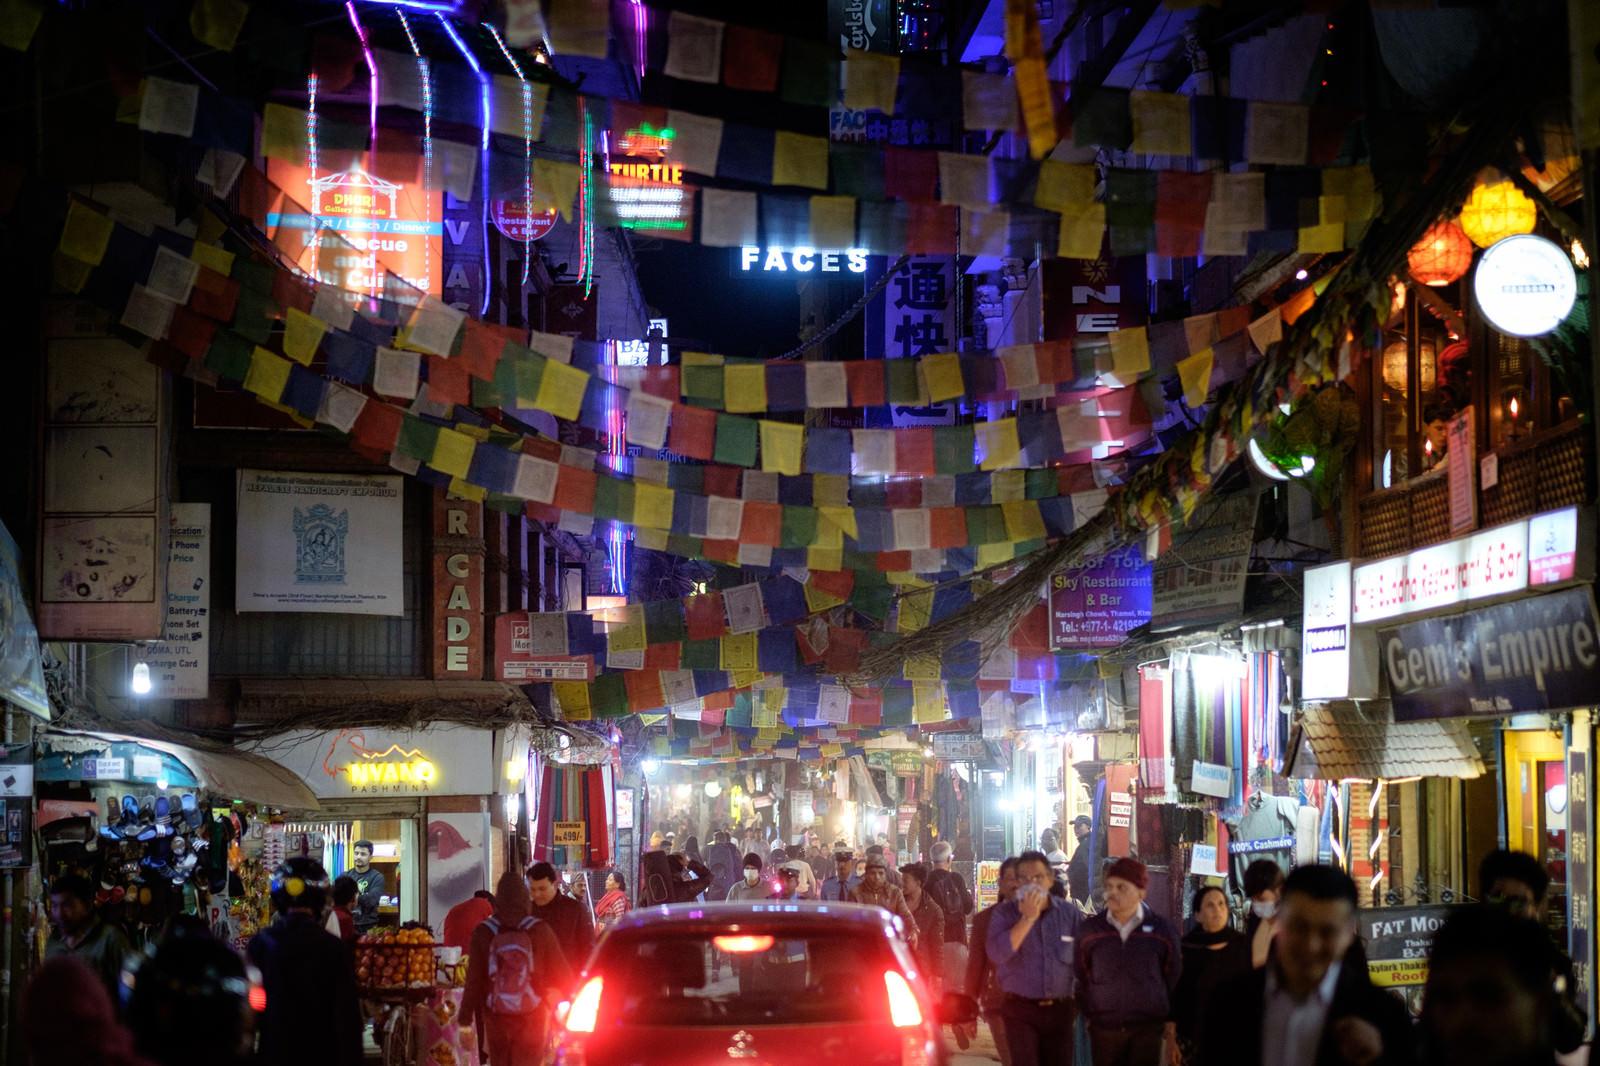 「人混みで溢れるネパールの繁華街」の写真